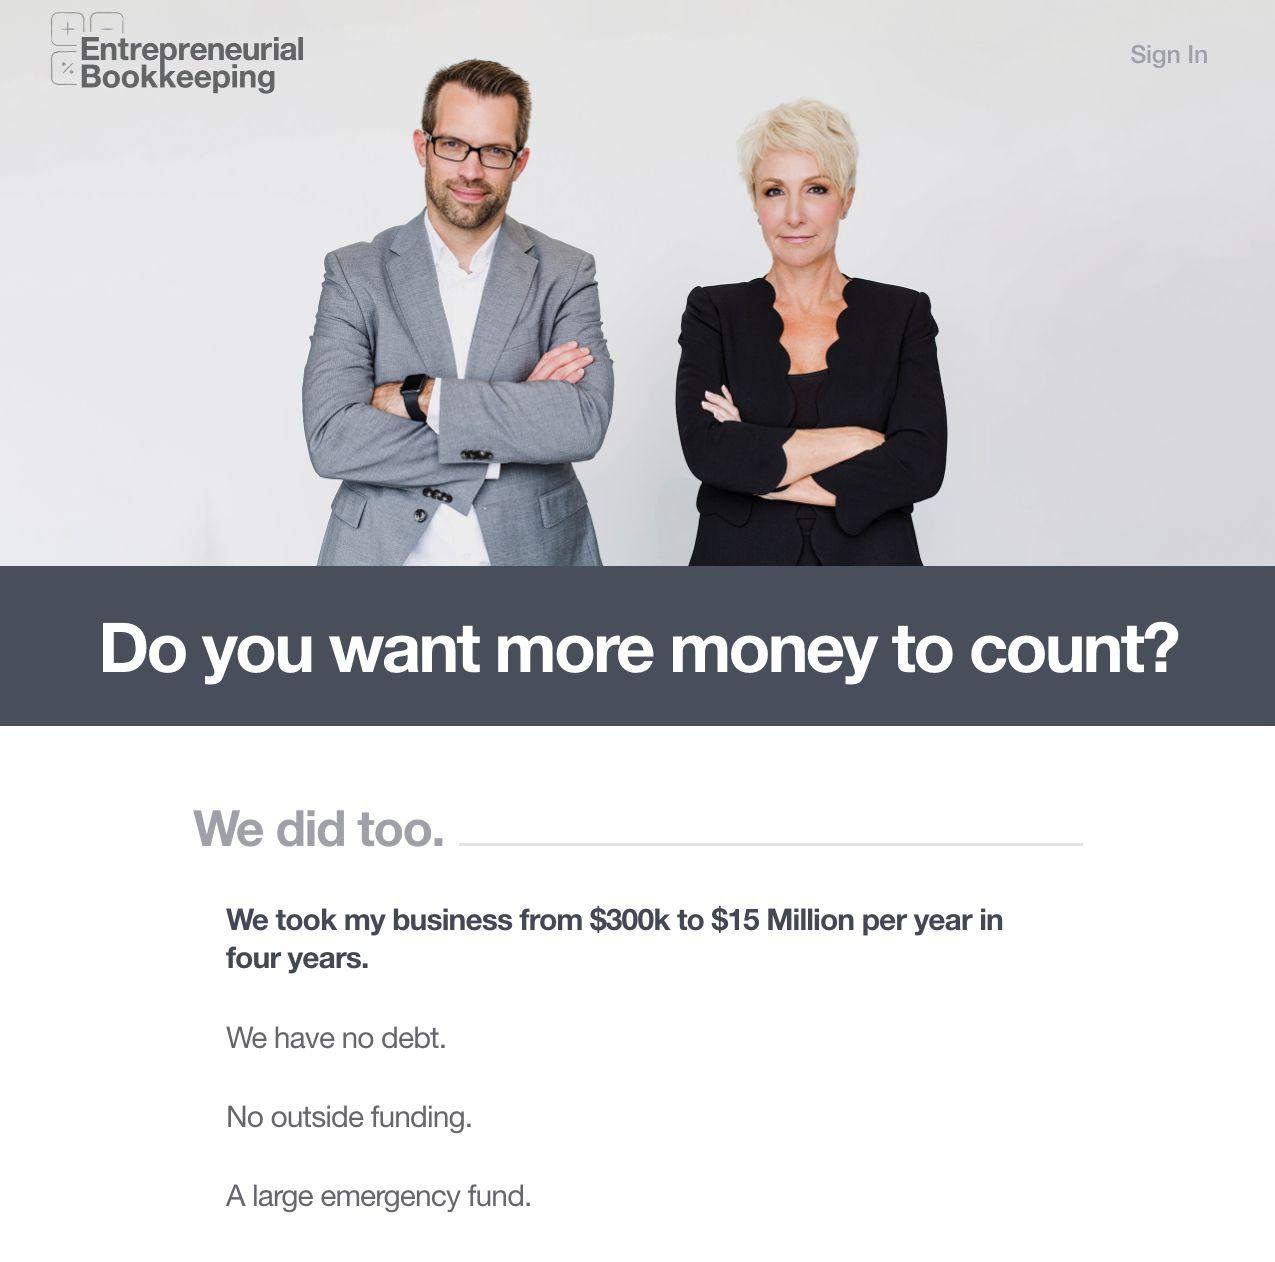 screencapture-entrepreneurialbookkeeping-2019-07-22-22_38_01.jpg